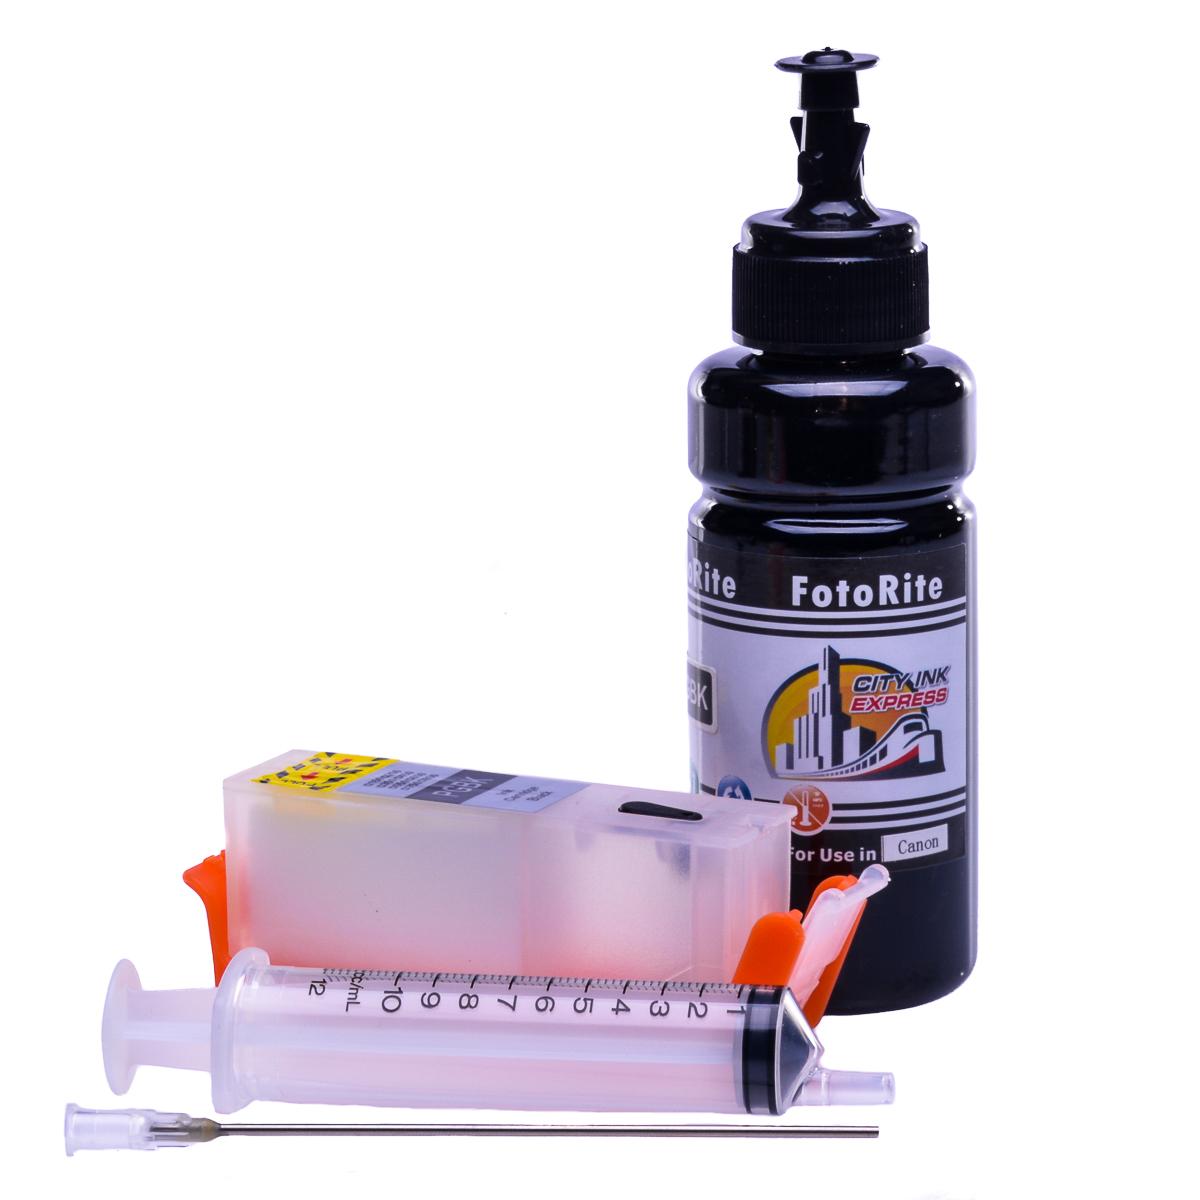 Refillable pigment Cheap printer cartridges for Canon Pixma TS5053 0372C001  PGI-570PGBK Pigment Black